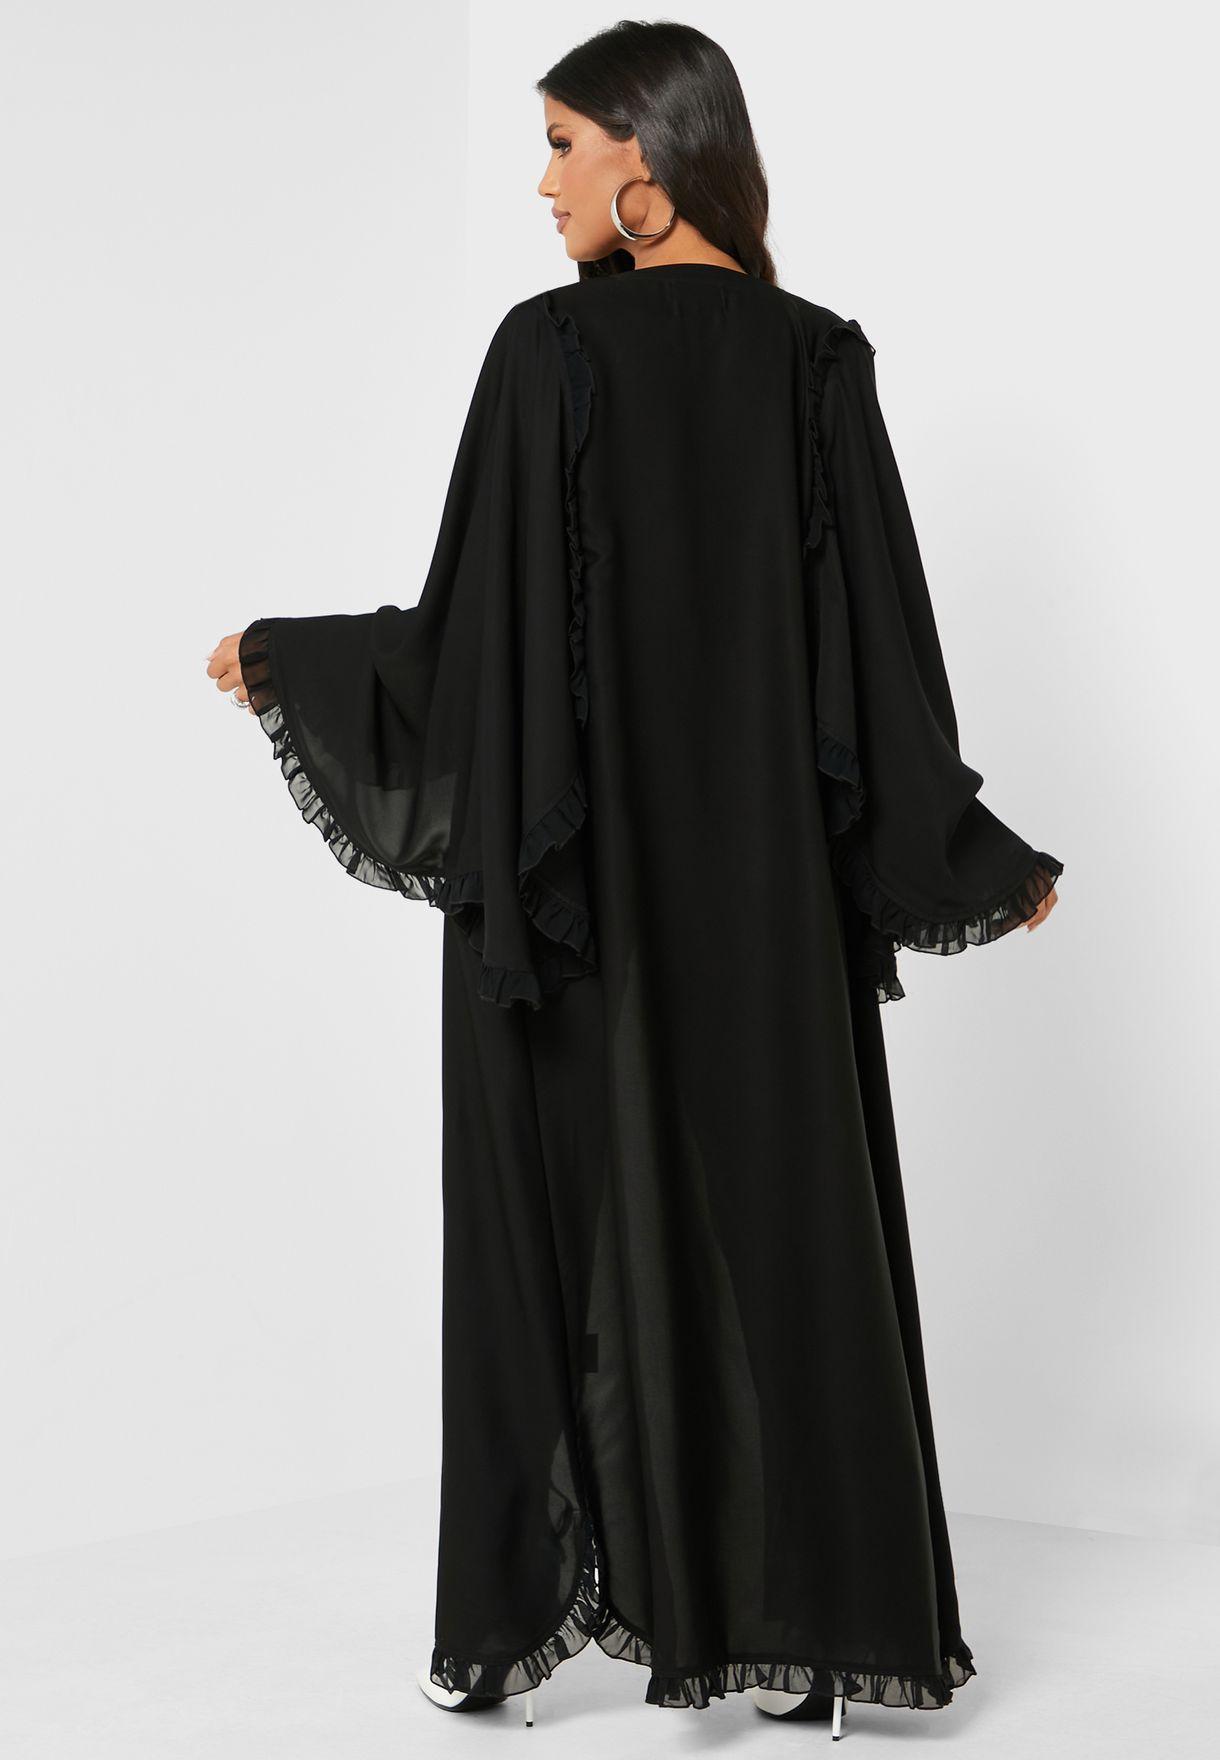 Ruffle Sleeves Abaya